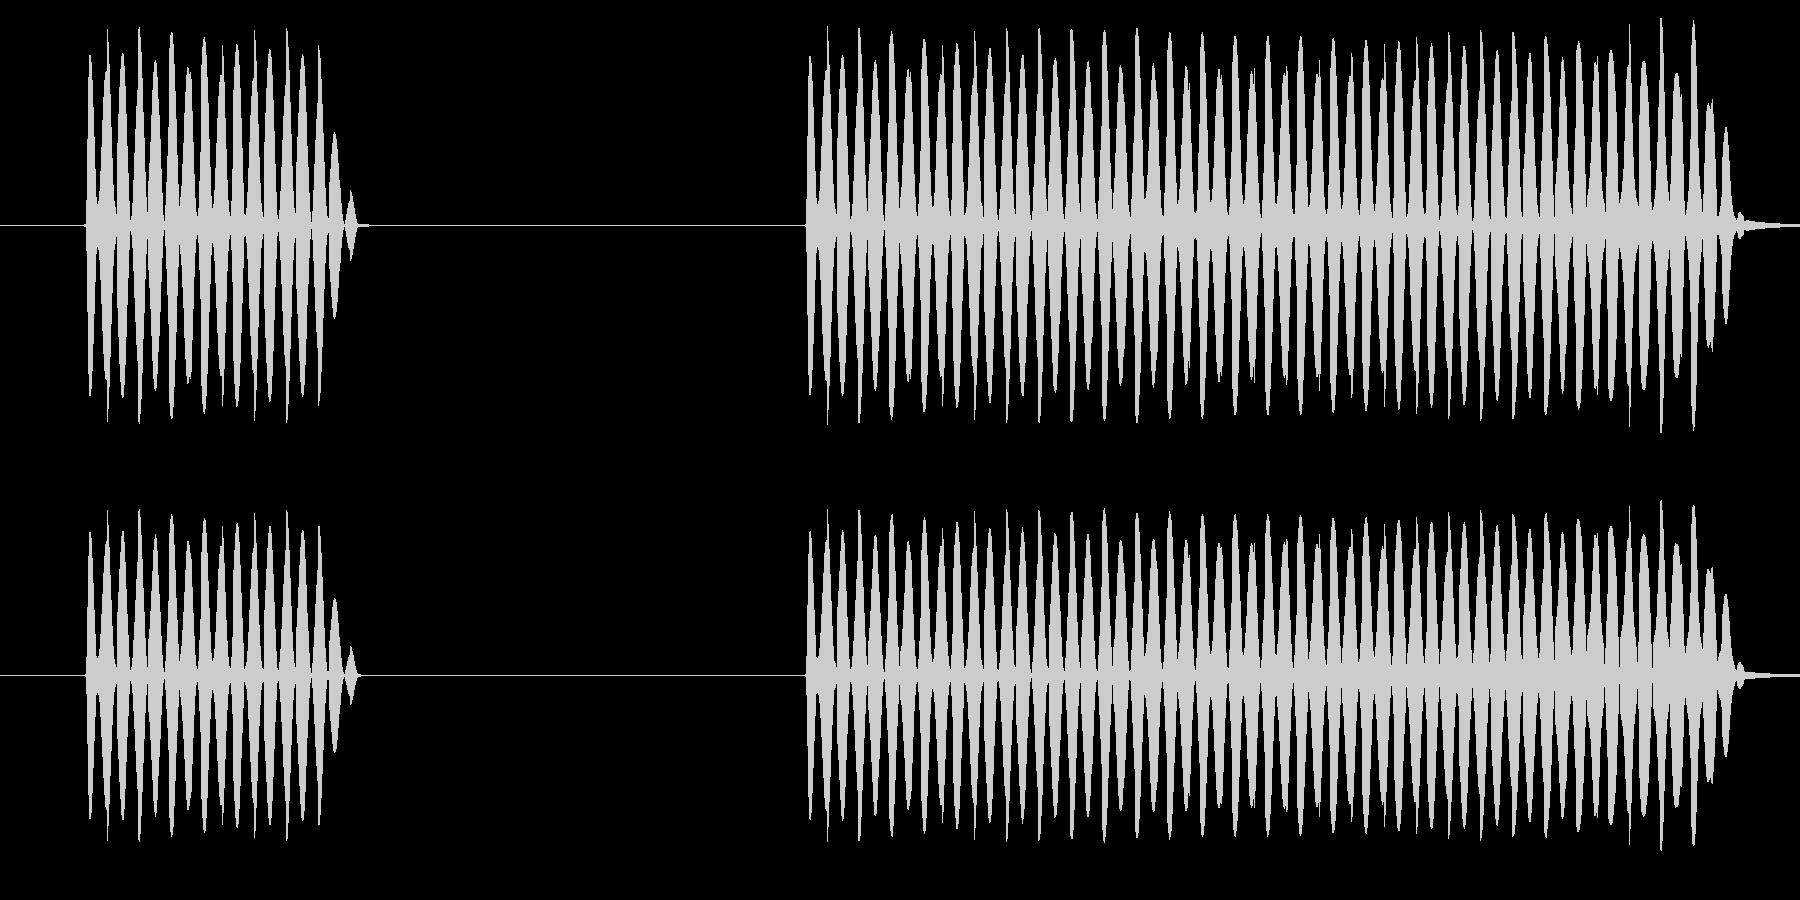 ゲーム、クイズ(ブー音)_006の未再生の波形